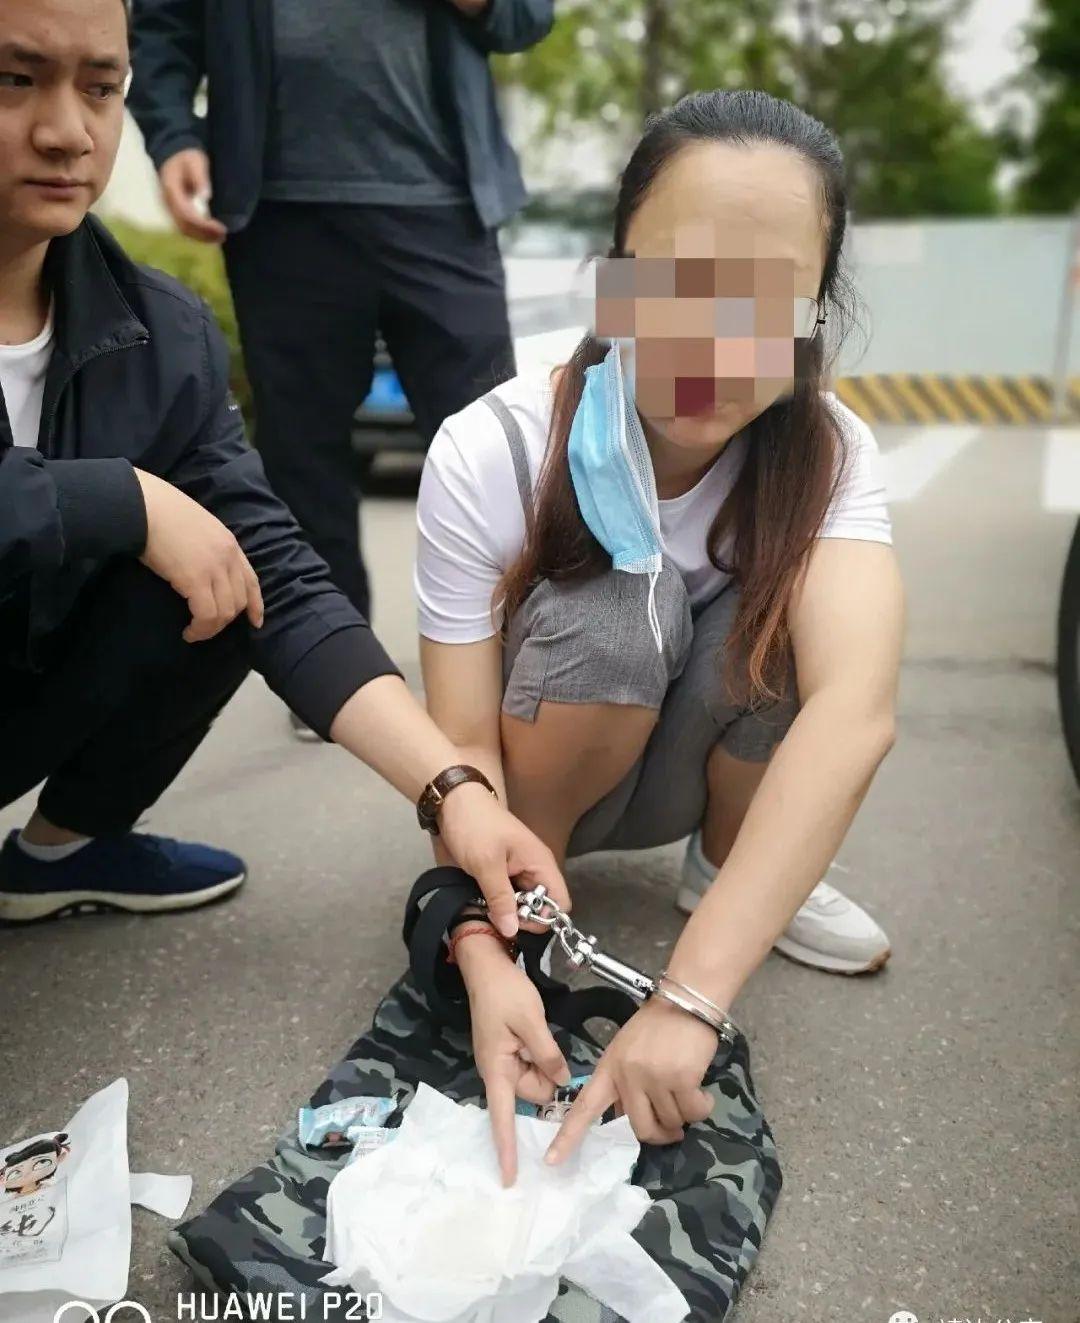 锋速体育官网:逮捕15人 缴获毒品500多克 靖边警方破获公安部部级重大毒品案件!